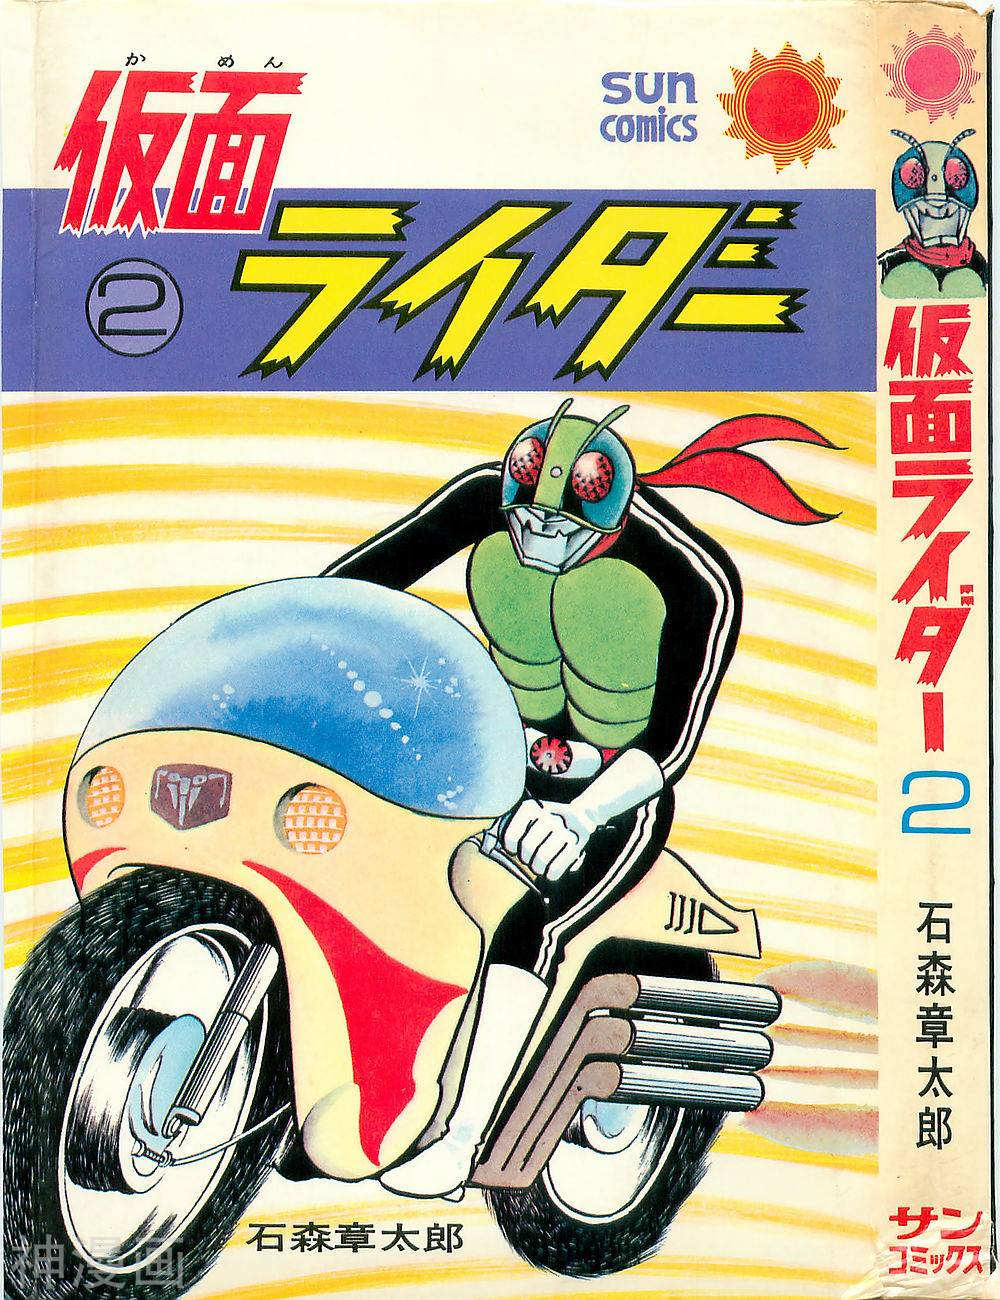 假面骑士漫画- 第02卷漫画全集- 97漫画网